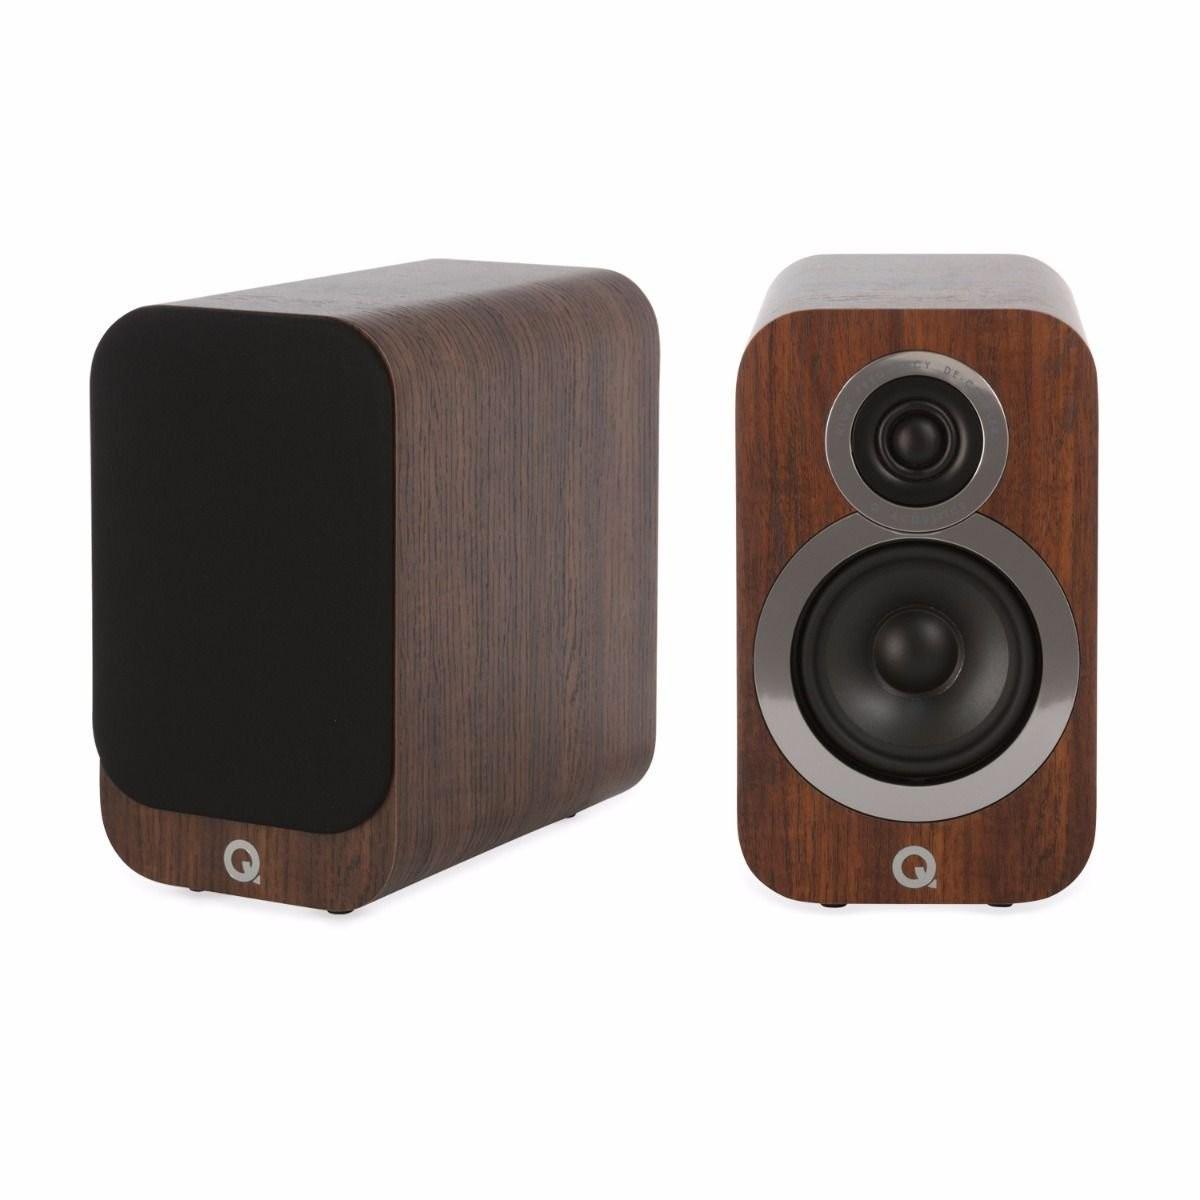 Q acoustics 3010i Bookshelf Speakers Walnut (pair)